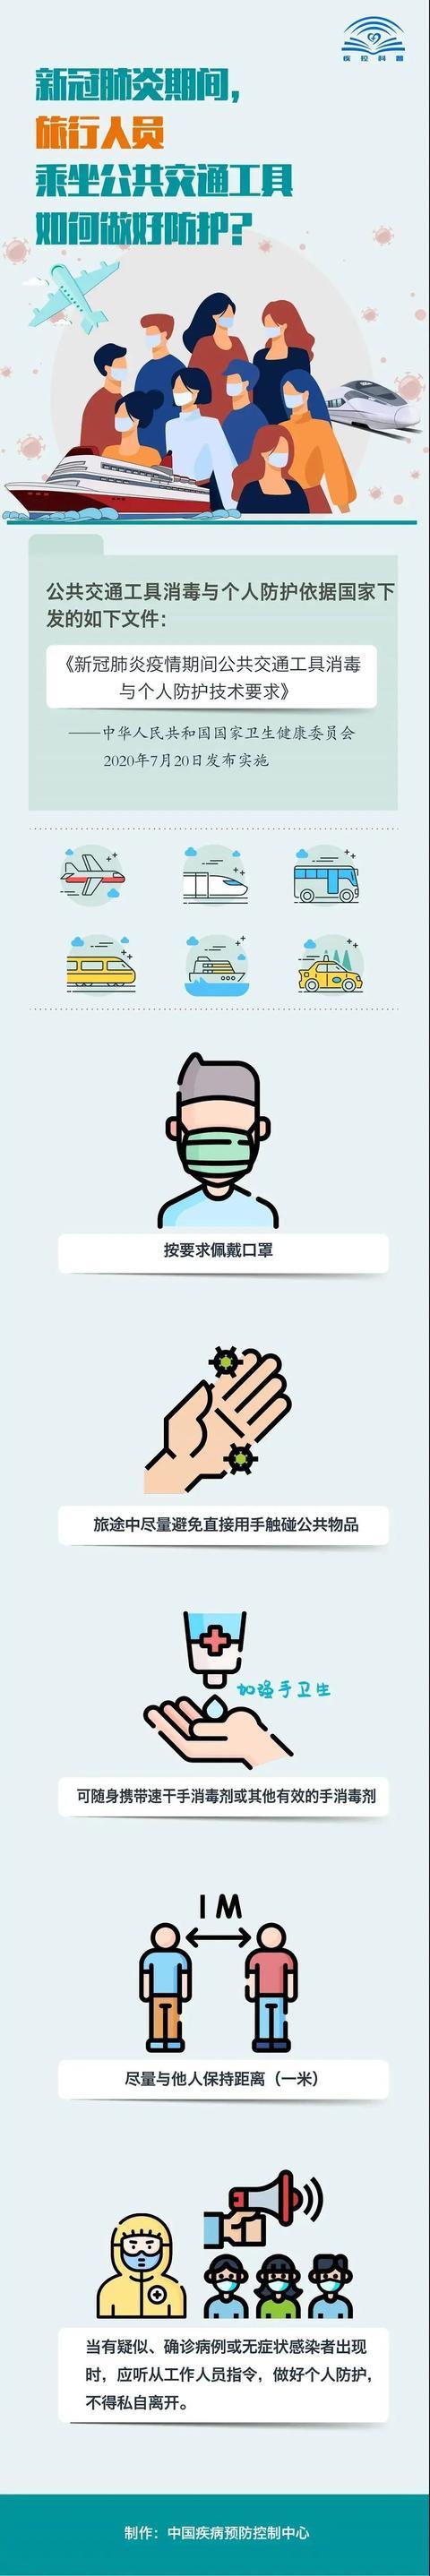 如何做好个人防护?这份防疫指南请看仔细了→